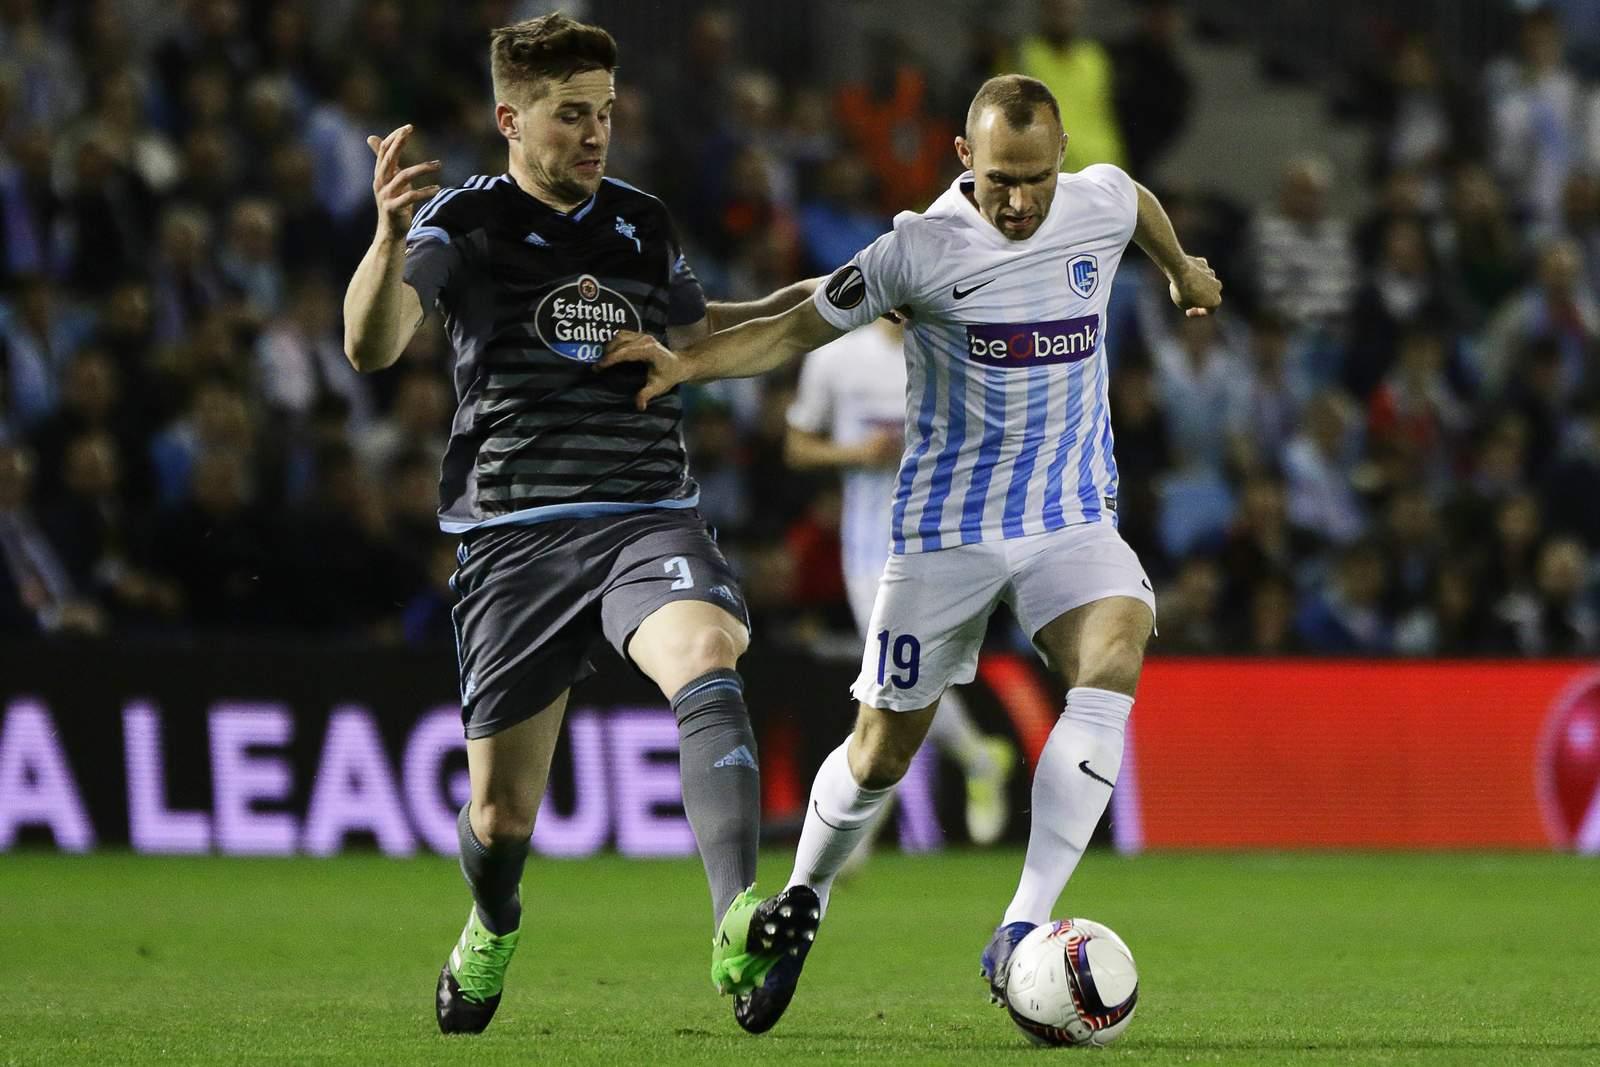 Zweikampf zwischen Tomas Buffel und Andreu Fontas. Jetzt auf KRC Genk gegen Celta Vigo wetten!